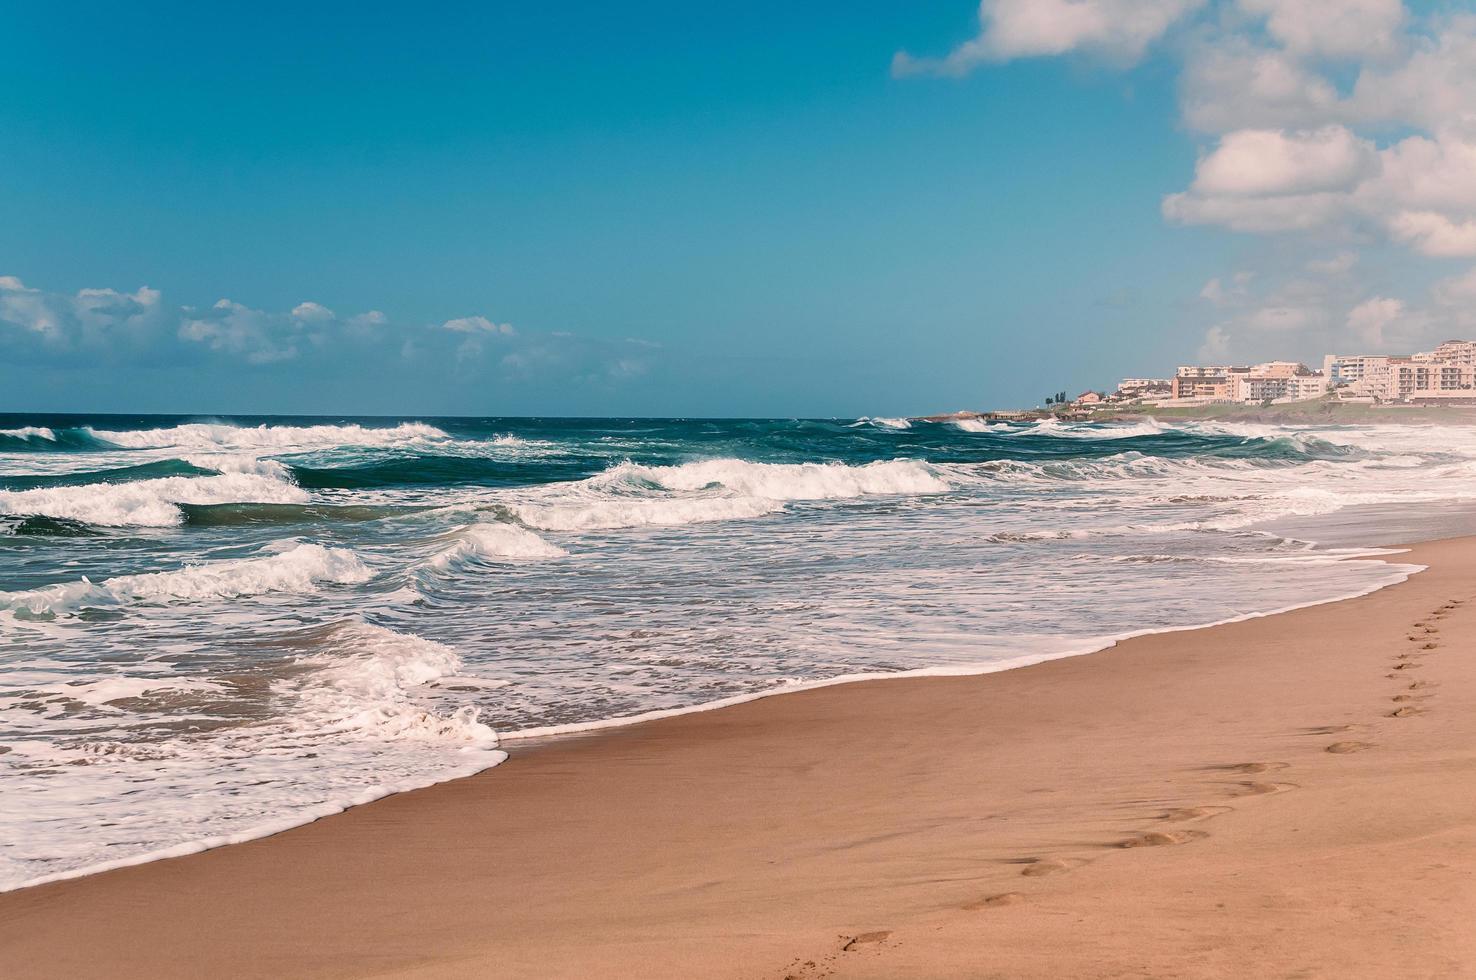 playa paradisíaca del océano, huellas en la arena mojada, hoteles distantes foto